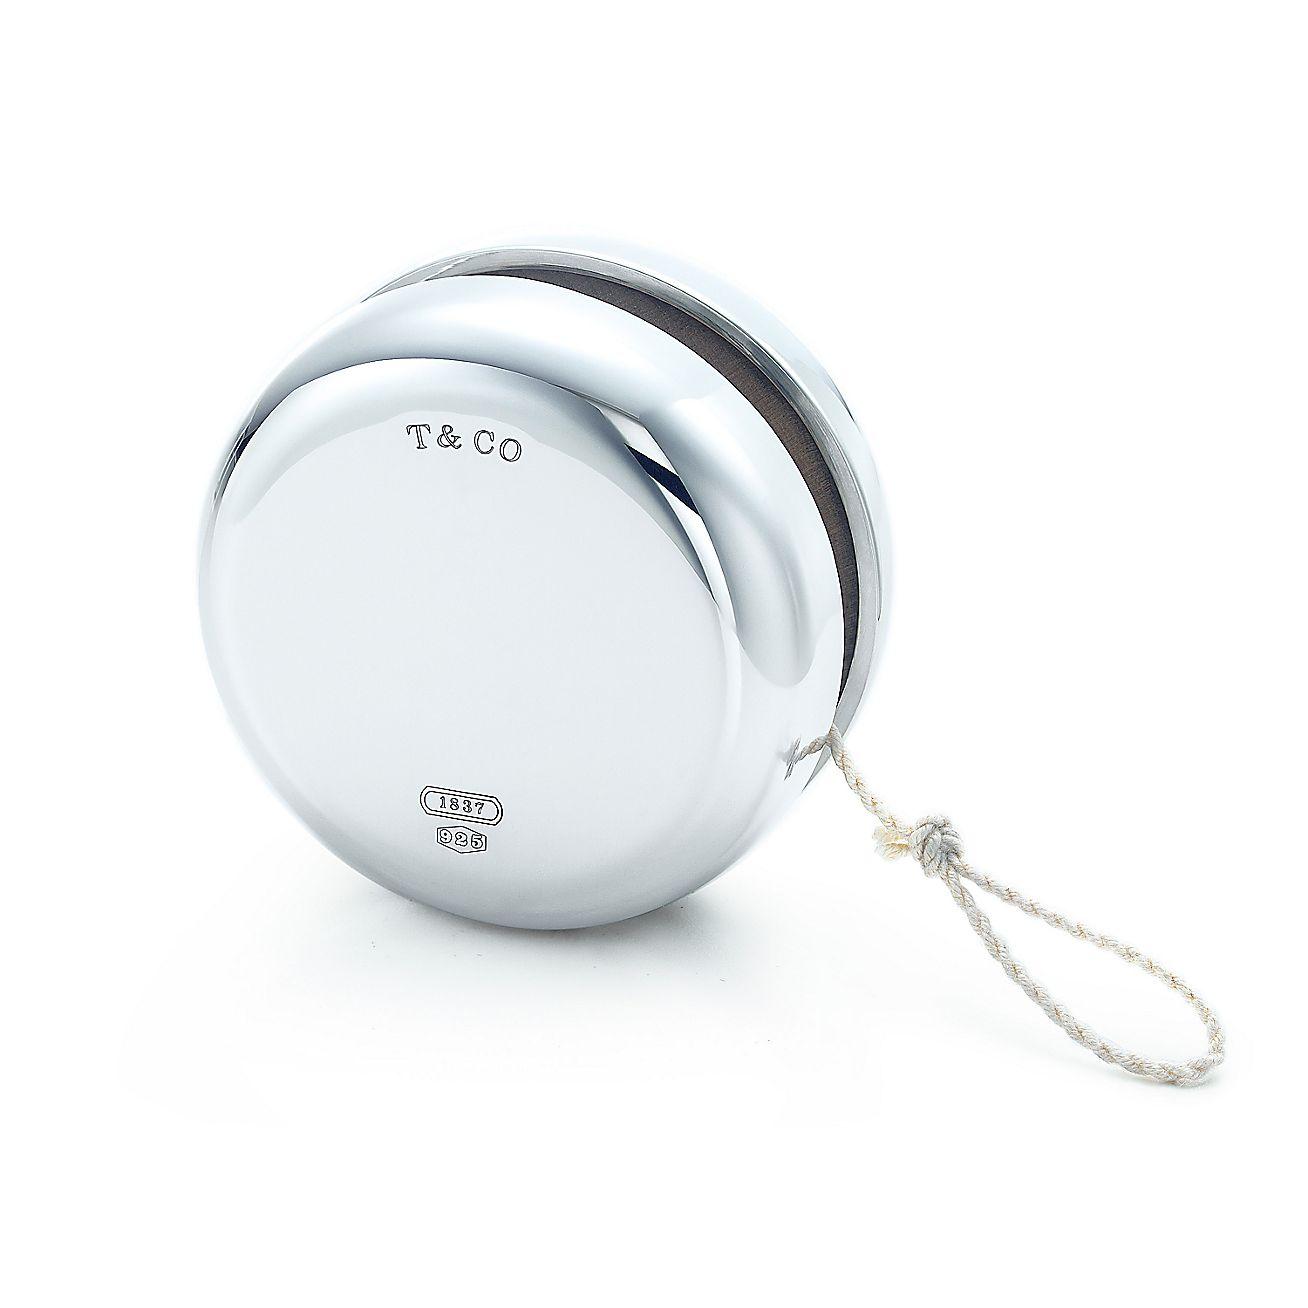 Tiffany 1837™<br>Yo-yo